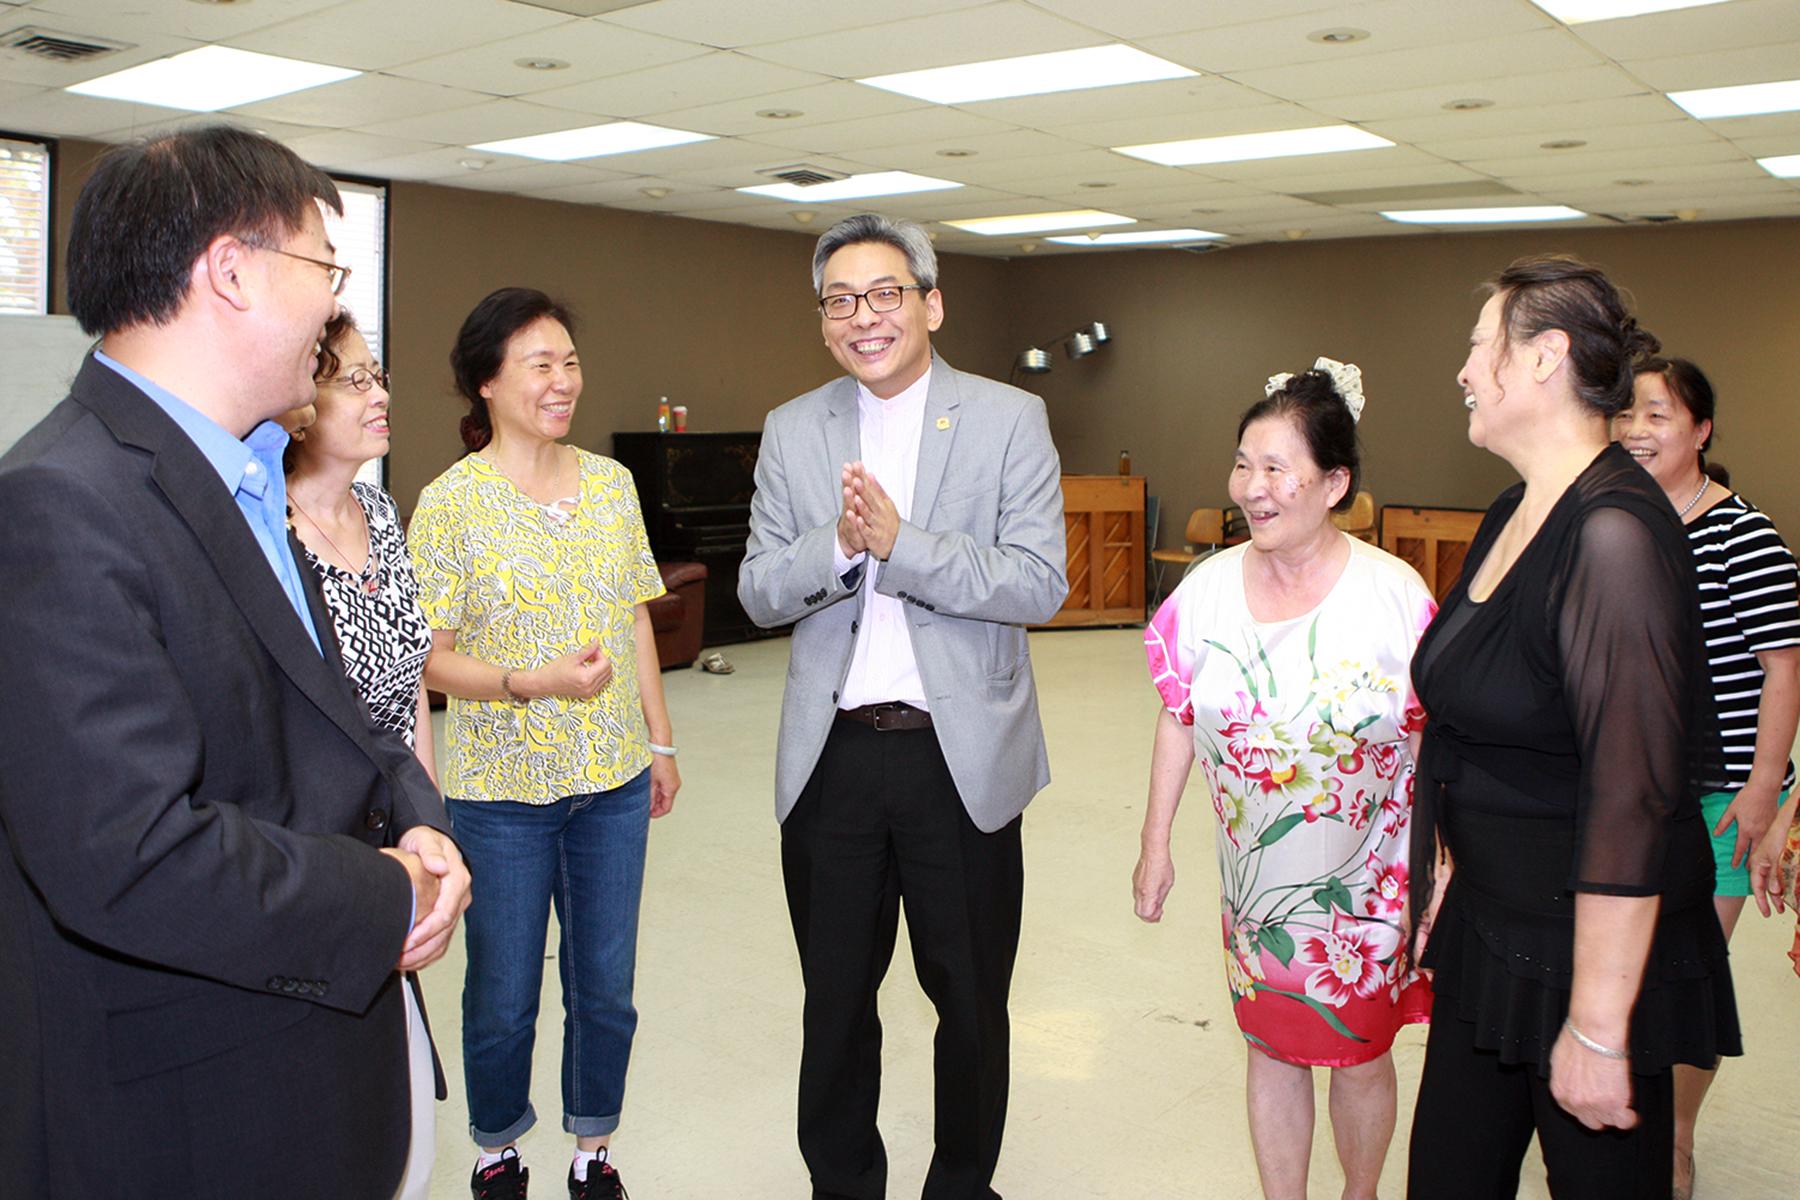 蔡偉(中)與夕陽紅歌舞團的團員們交談。(記者賈忠/攝影)